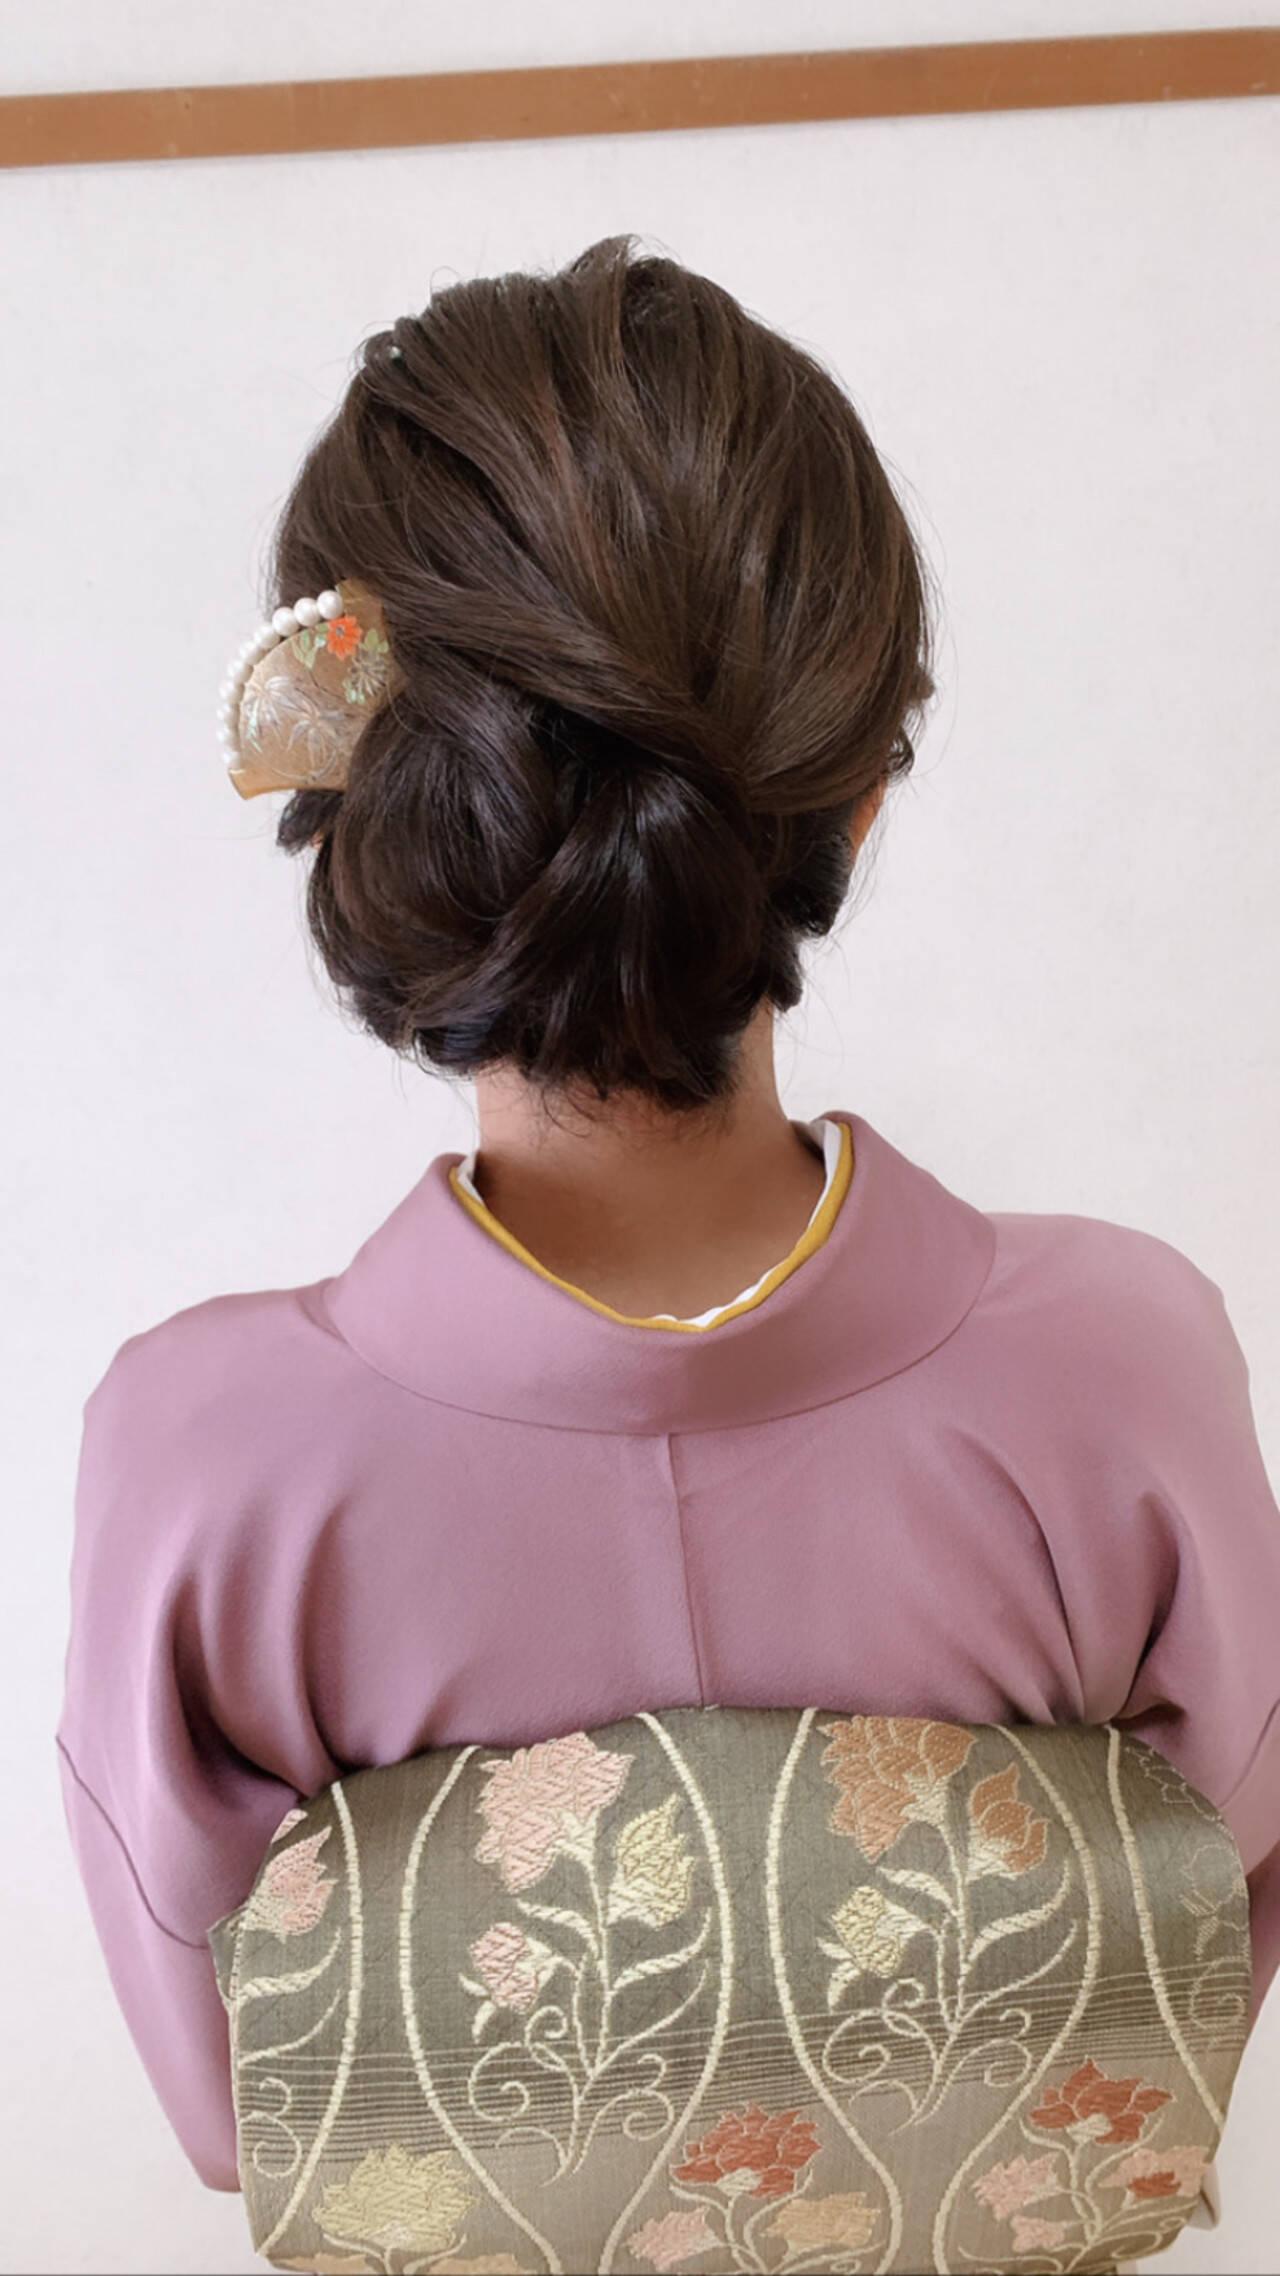 ミディアム エレガント 訪問着 和装ヘアヘアスタイルや髪型の写真・画像